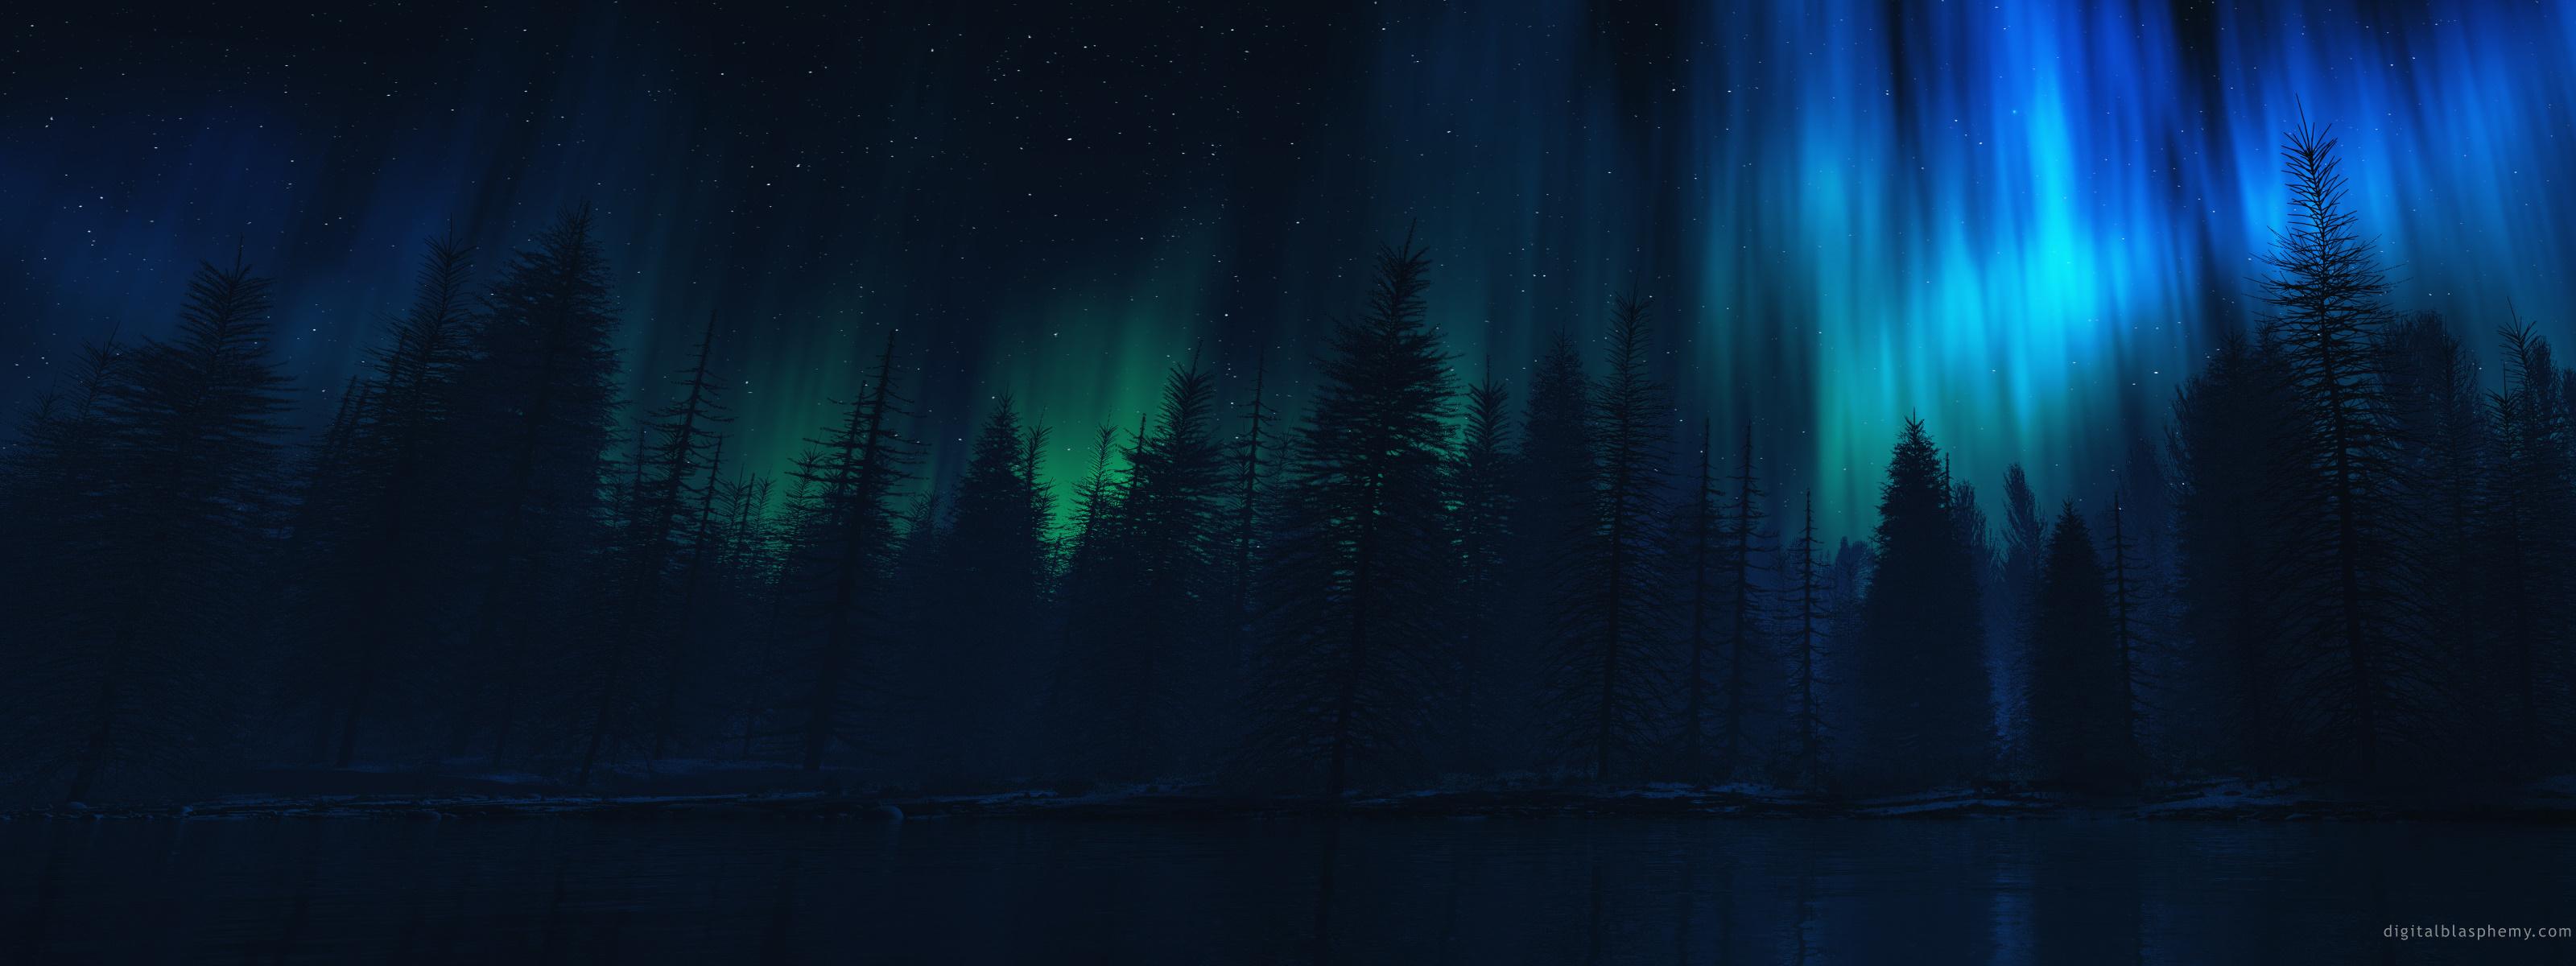 Полярное сияние над хвойным лесом 3200x1200 1034KB Пейзажи полярное сияние